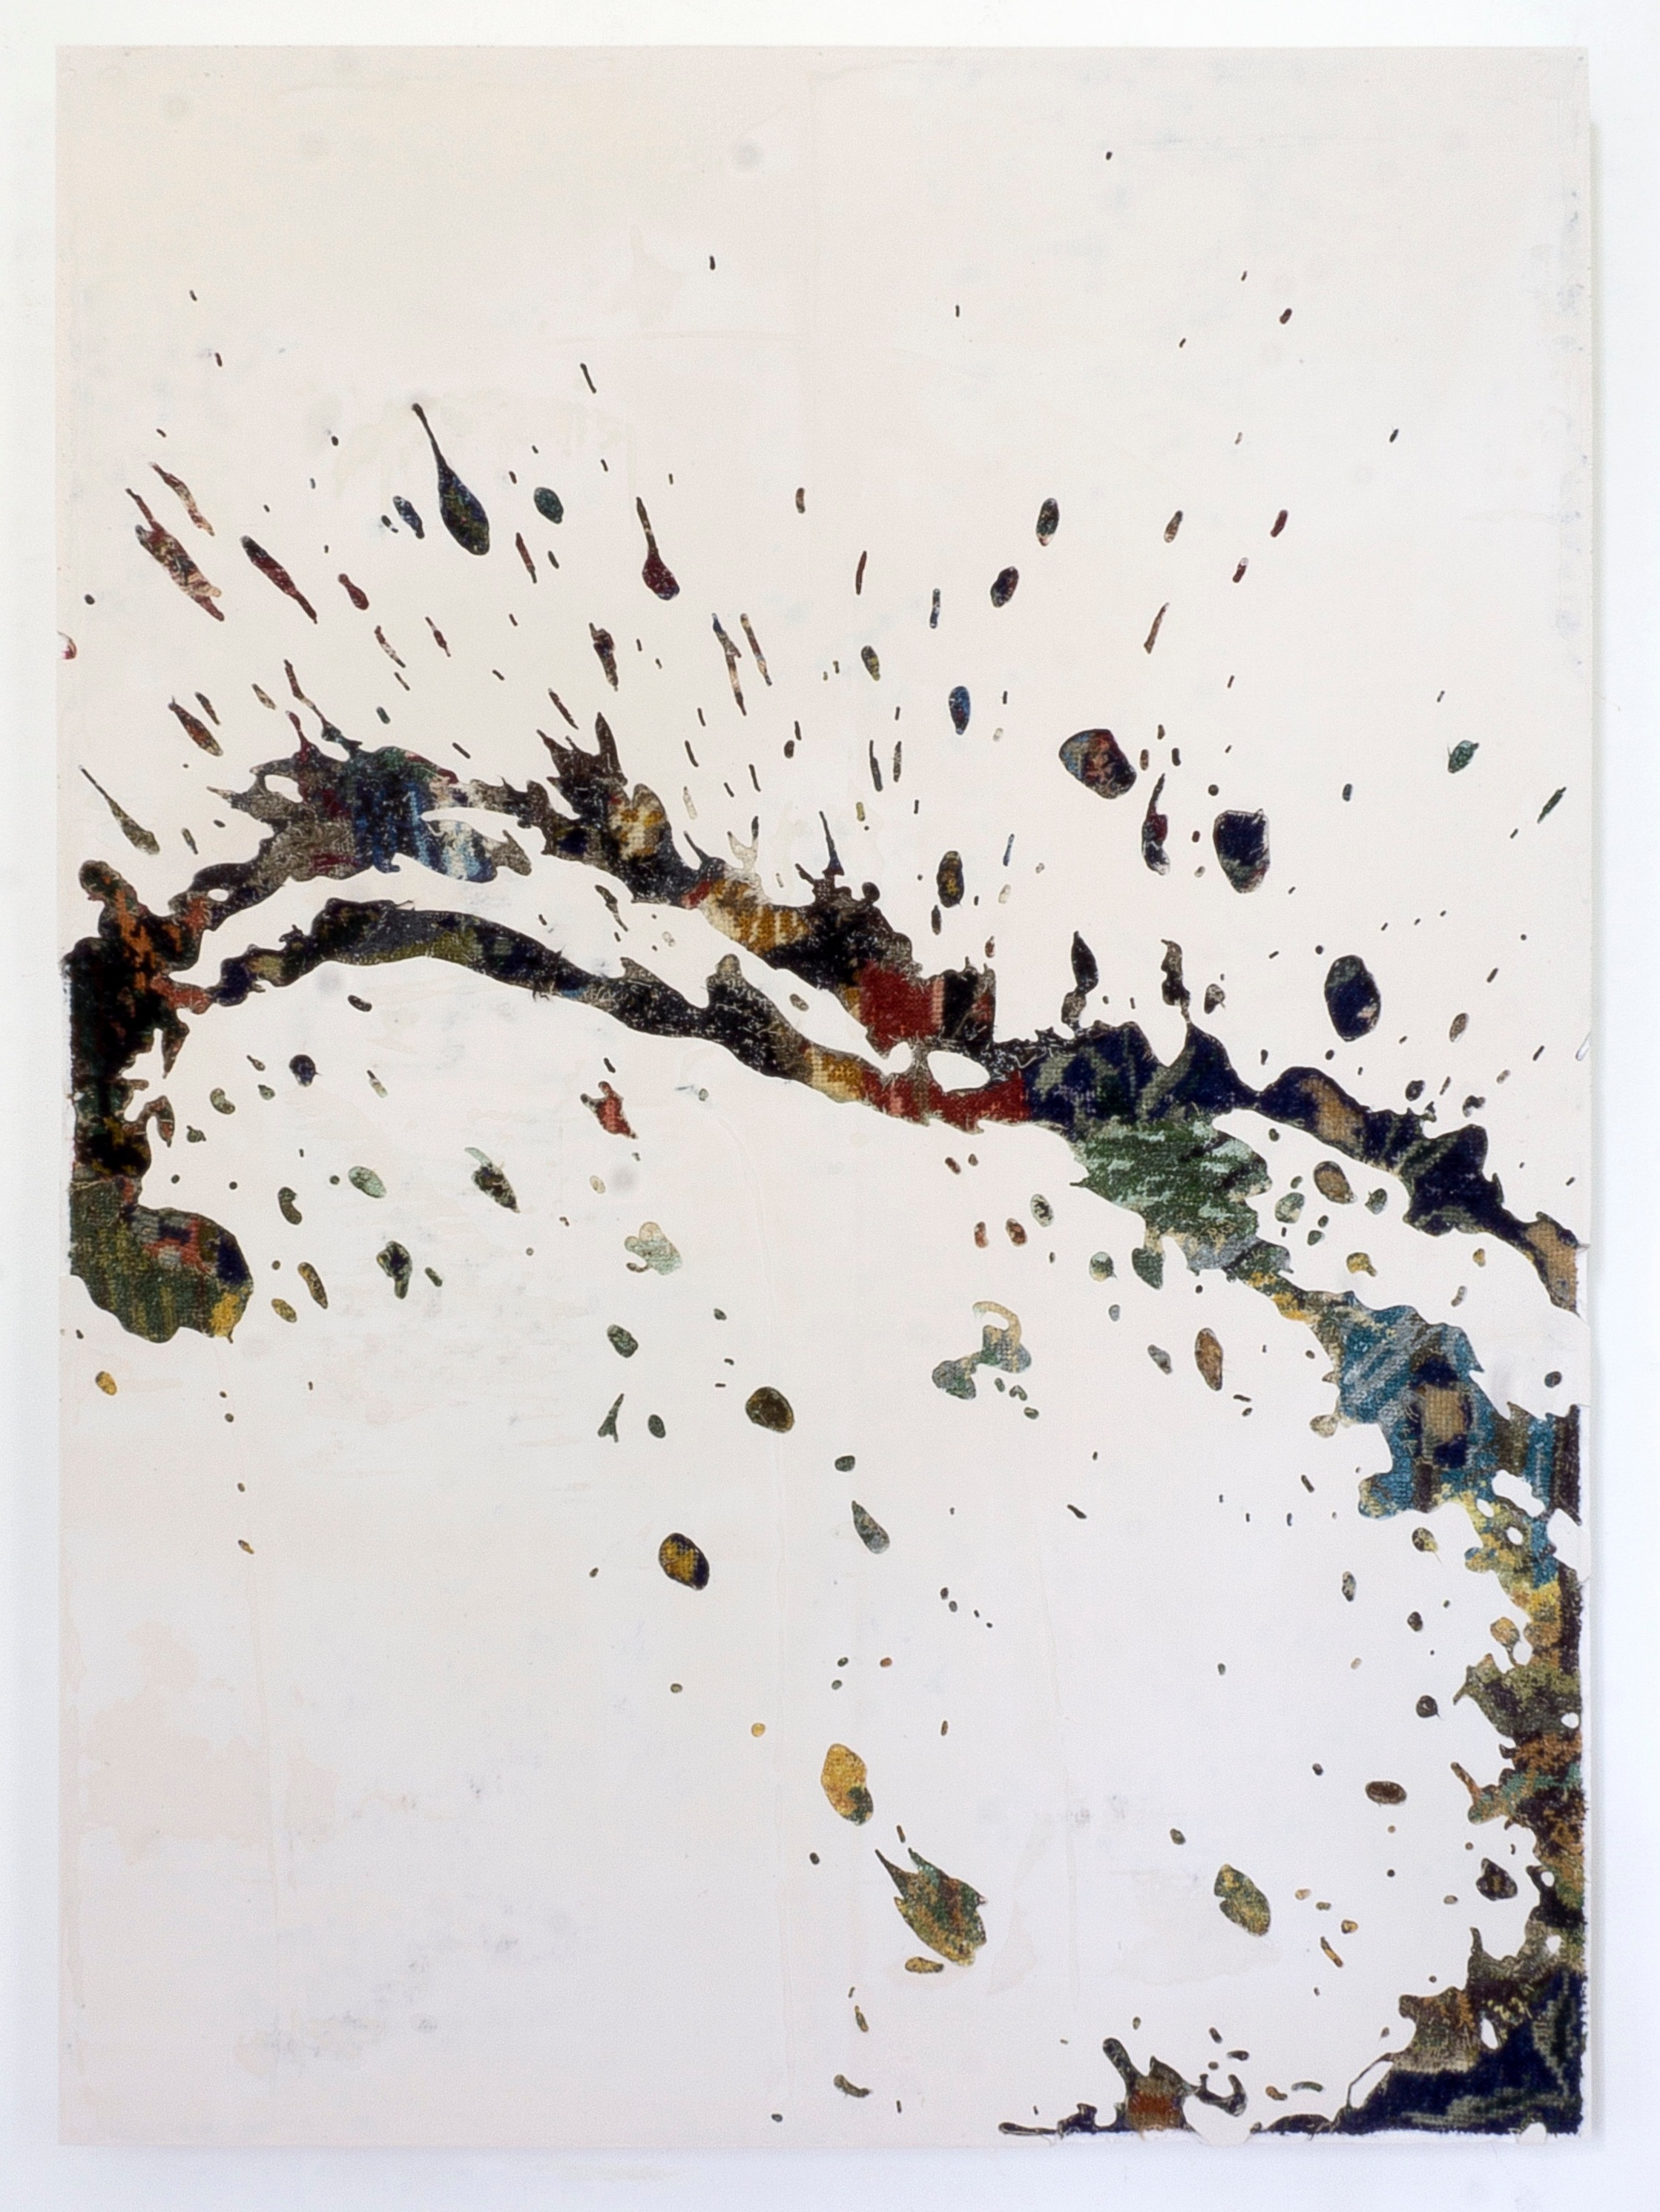 Aspersion 3, 2019 - canevas chinés, résine, gravure manuelle, sur bois. 90x65cm.